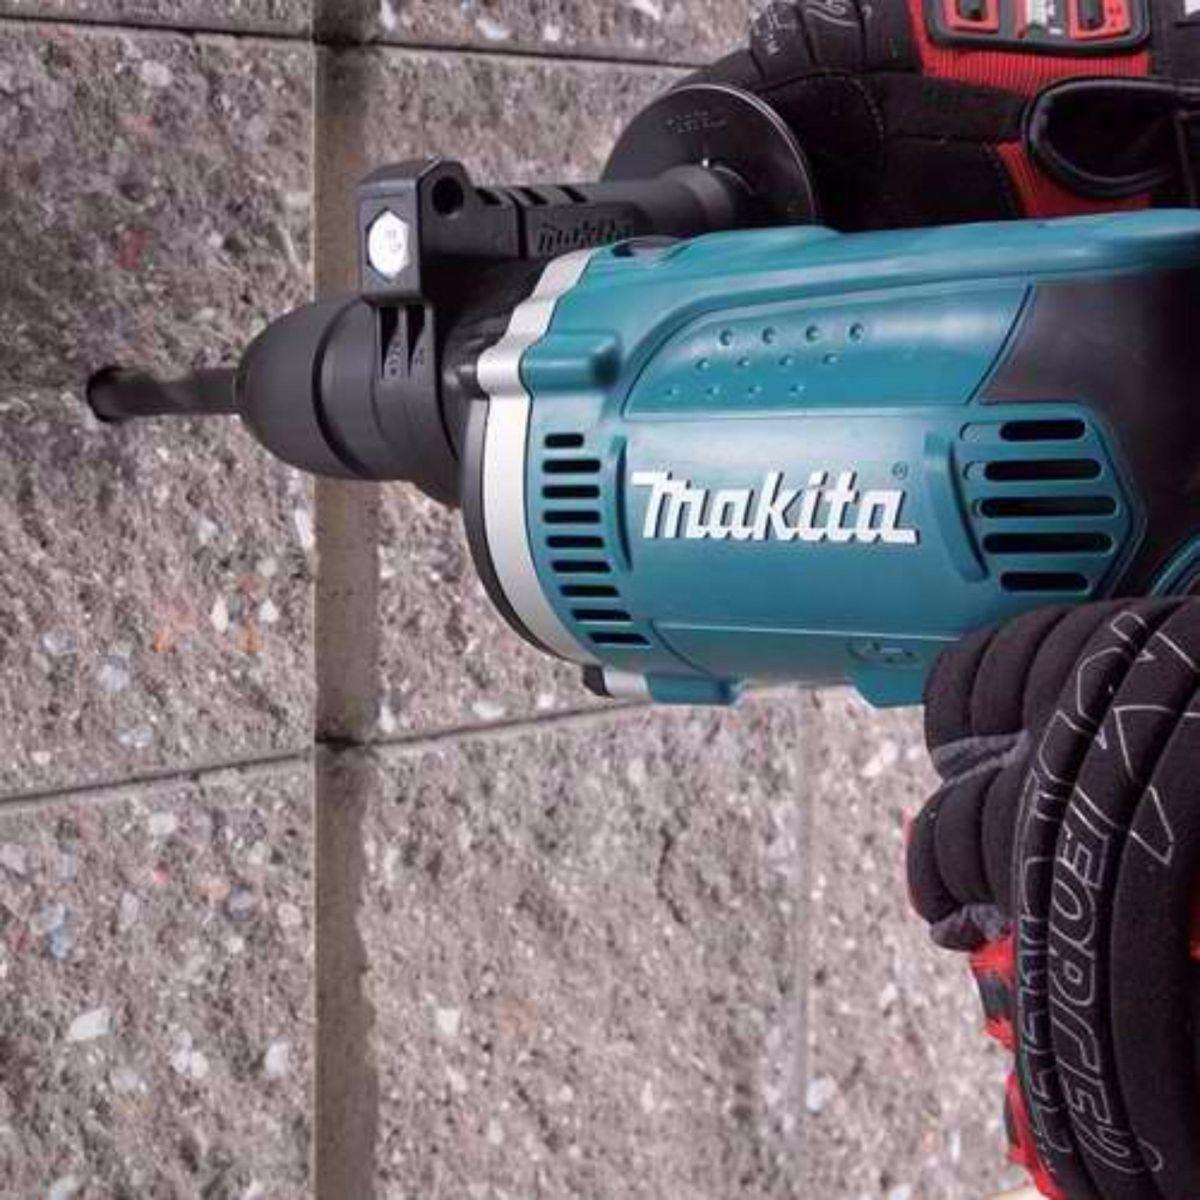 Với máy khoan tốc độ cao Makita HP1630 công việc của bạn sẽ trở nên dễ dàng và nhẹ nhàng hơn bao giờ hết.